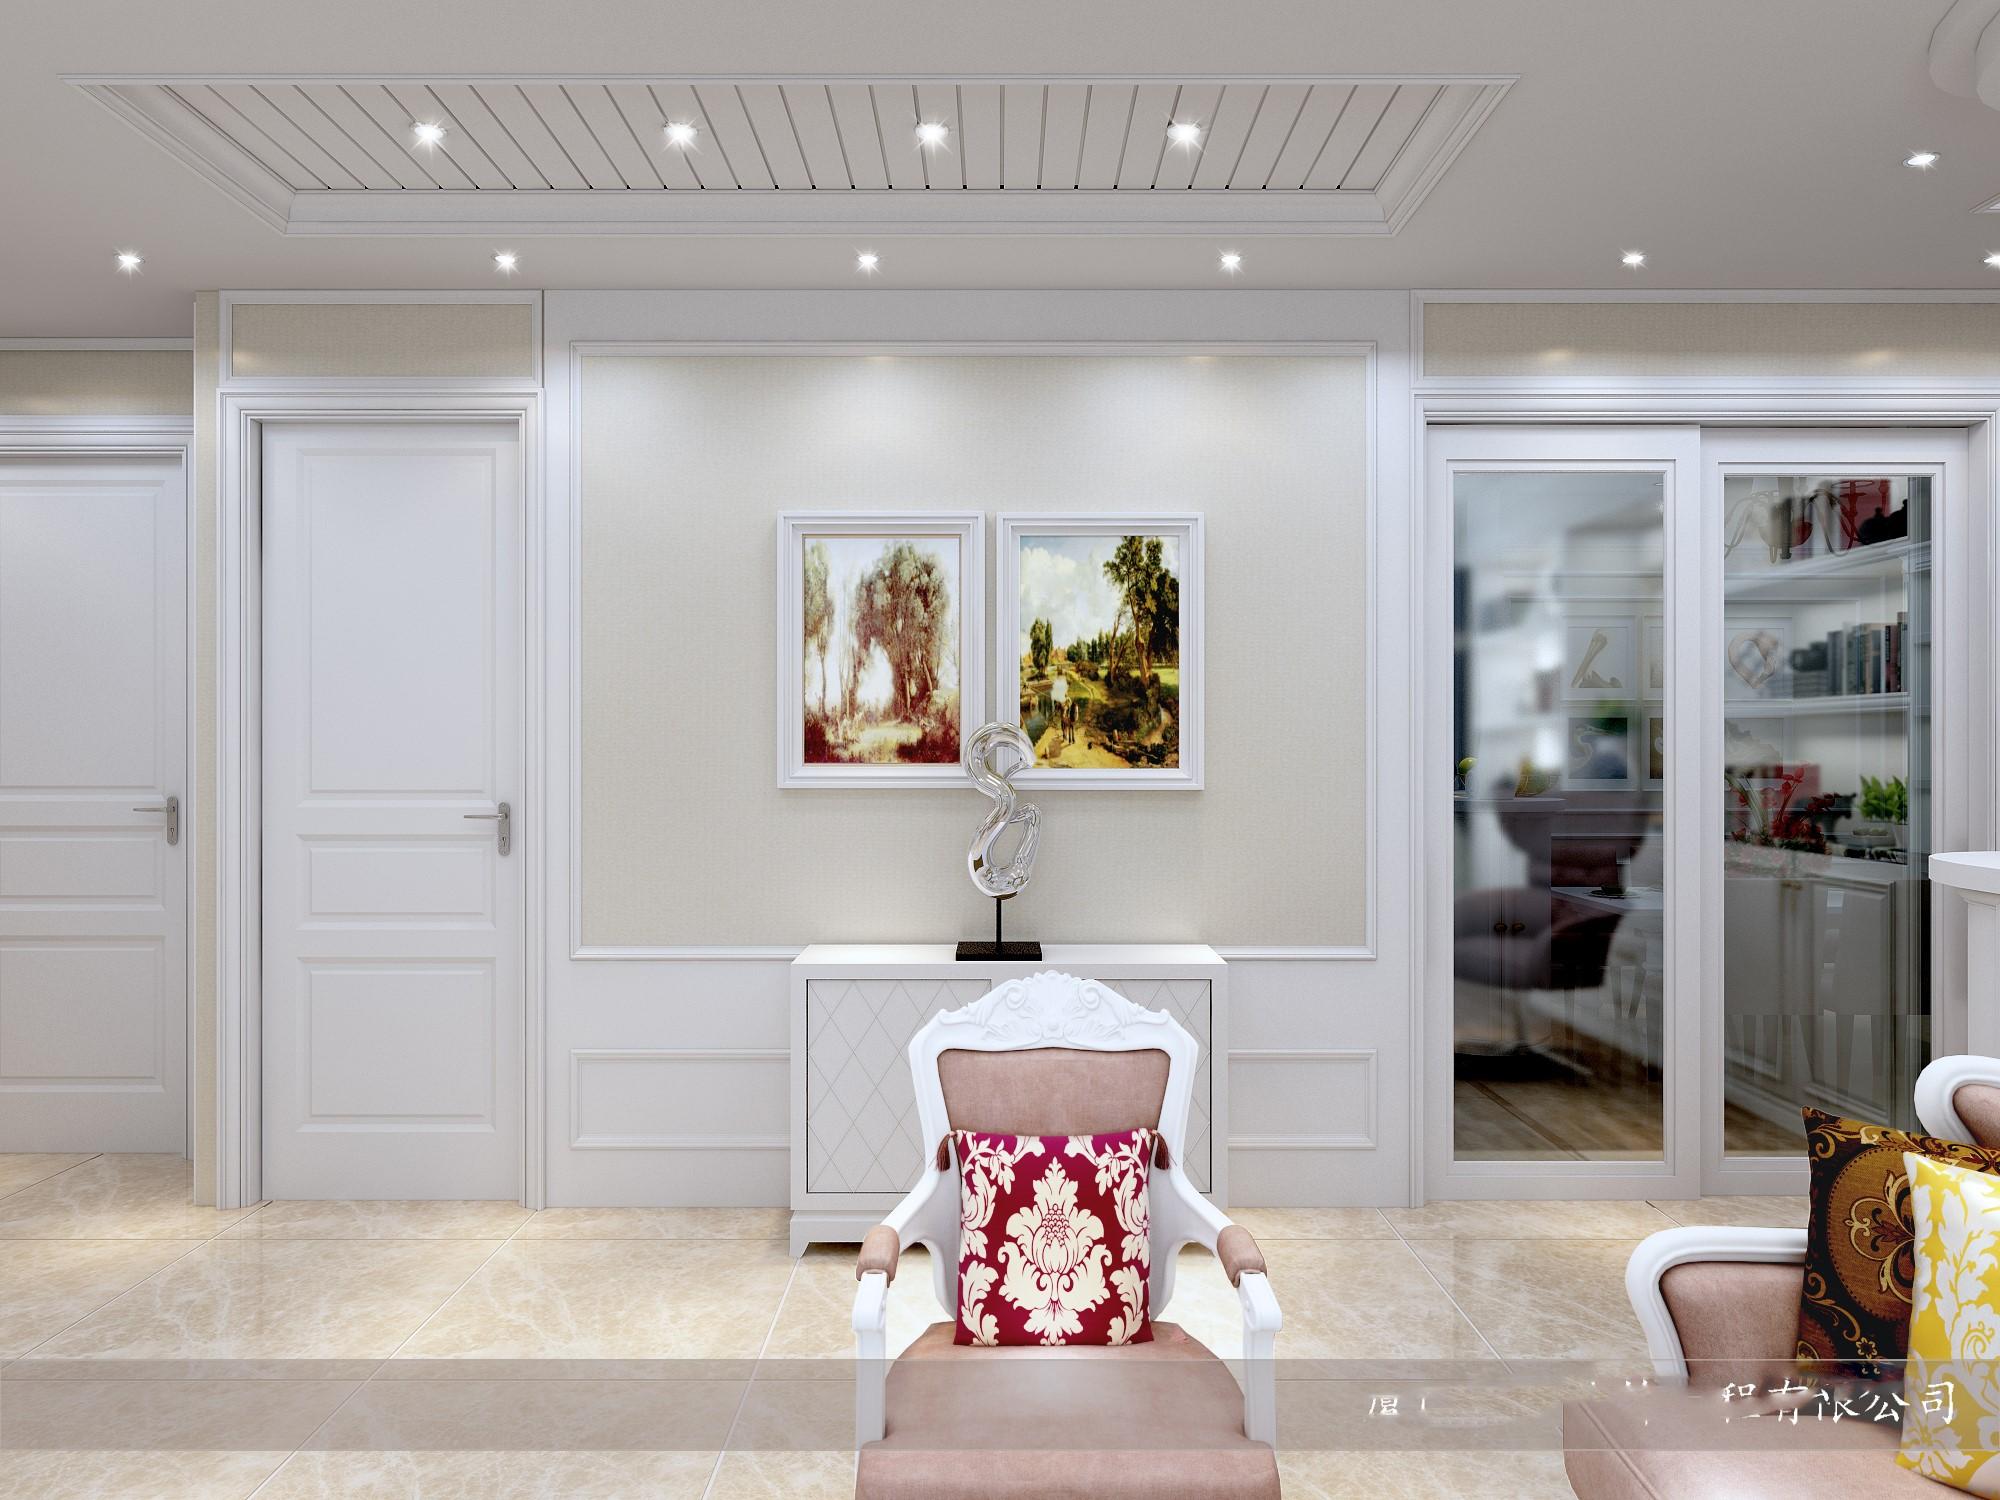 简欧客厅效果图-简欧客厅手绘效果图-客厅装修简欧-图